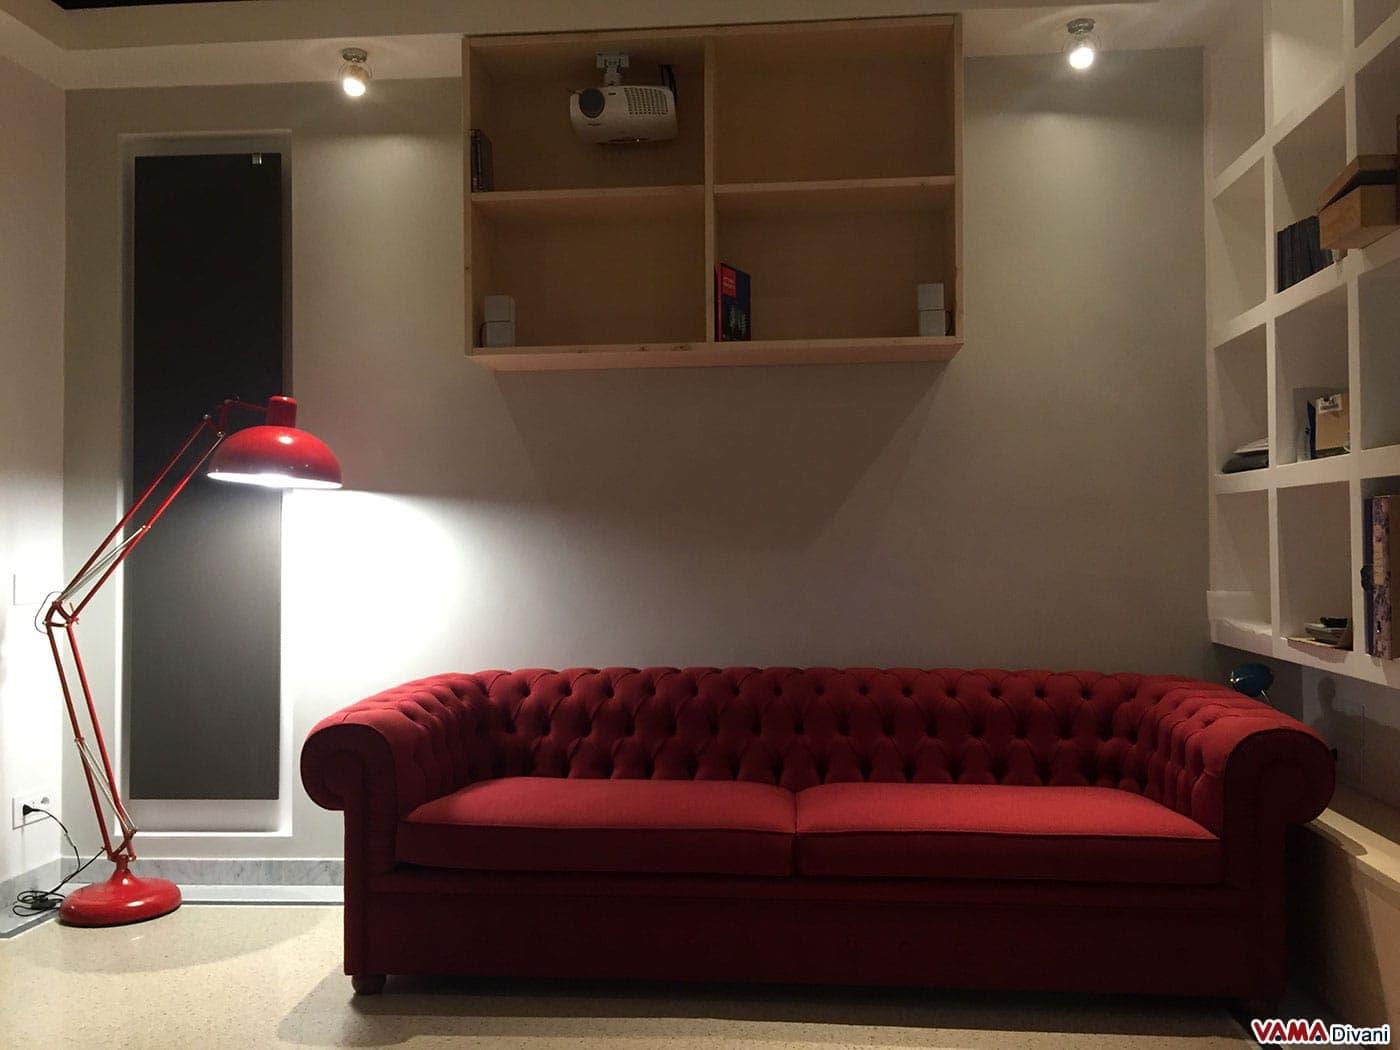 Opinioni e recensioni e commenti dei clienti su vama divani - Devo buttare un divano ...